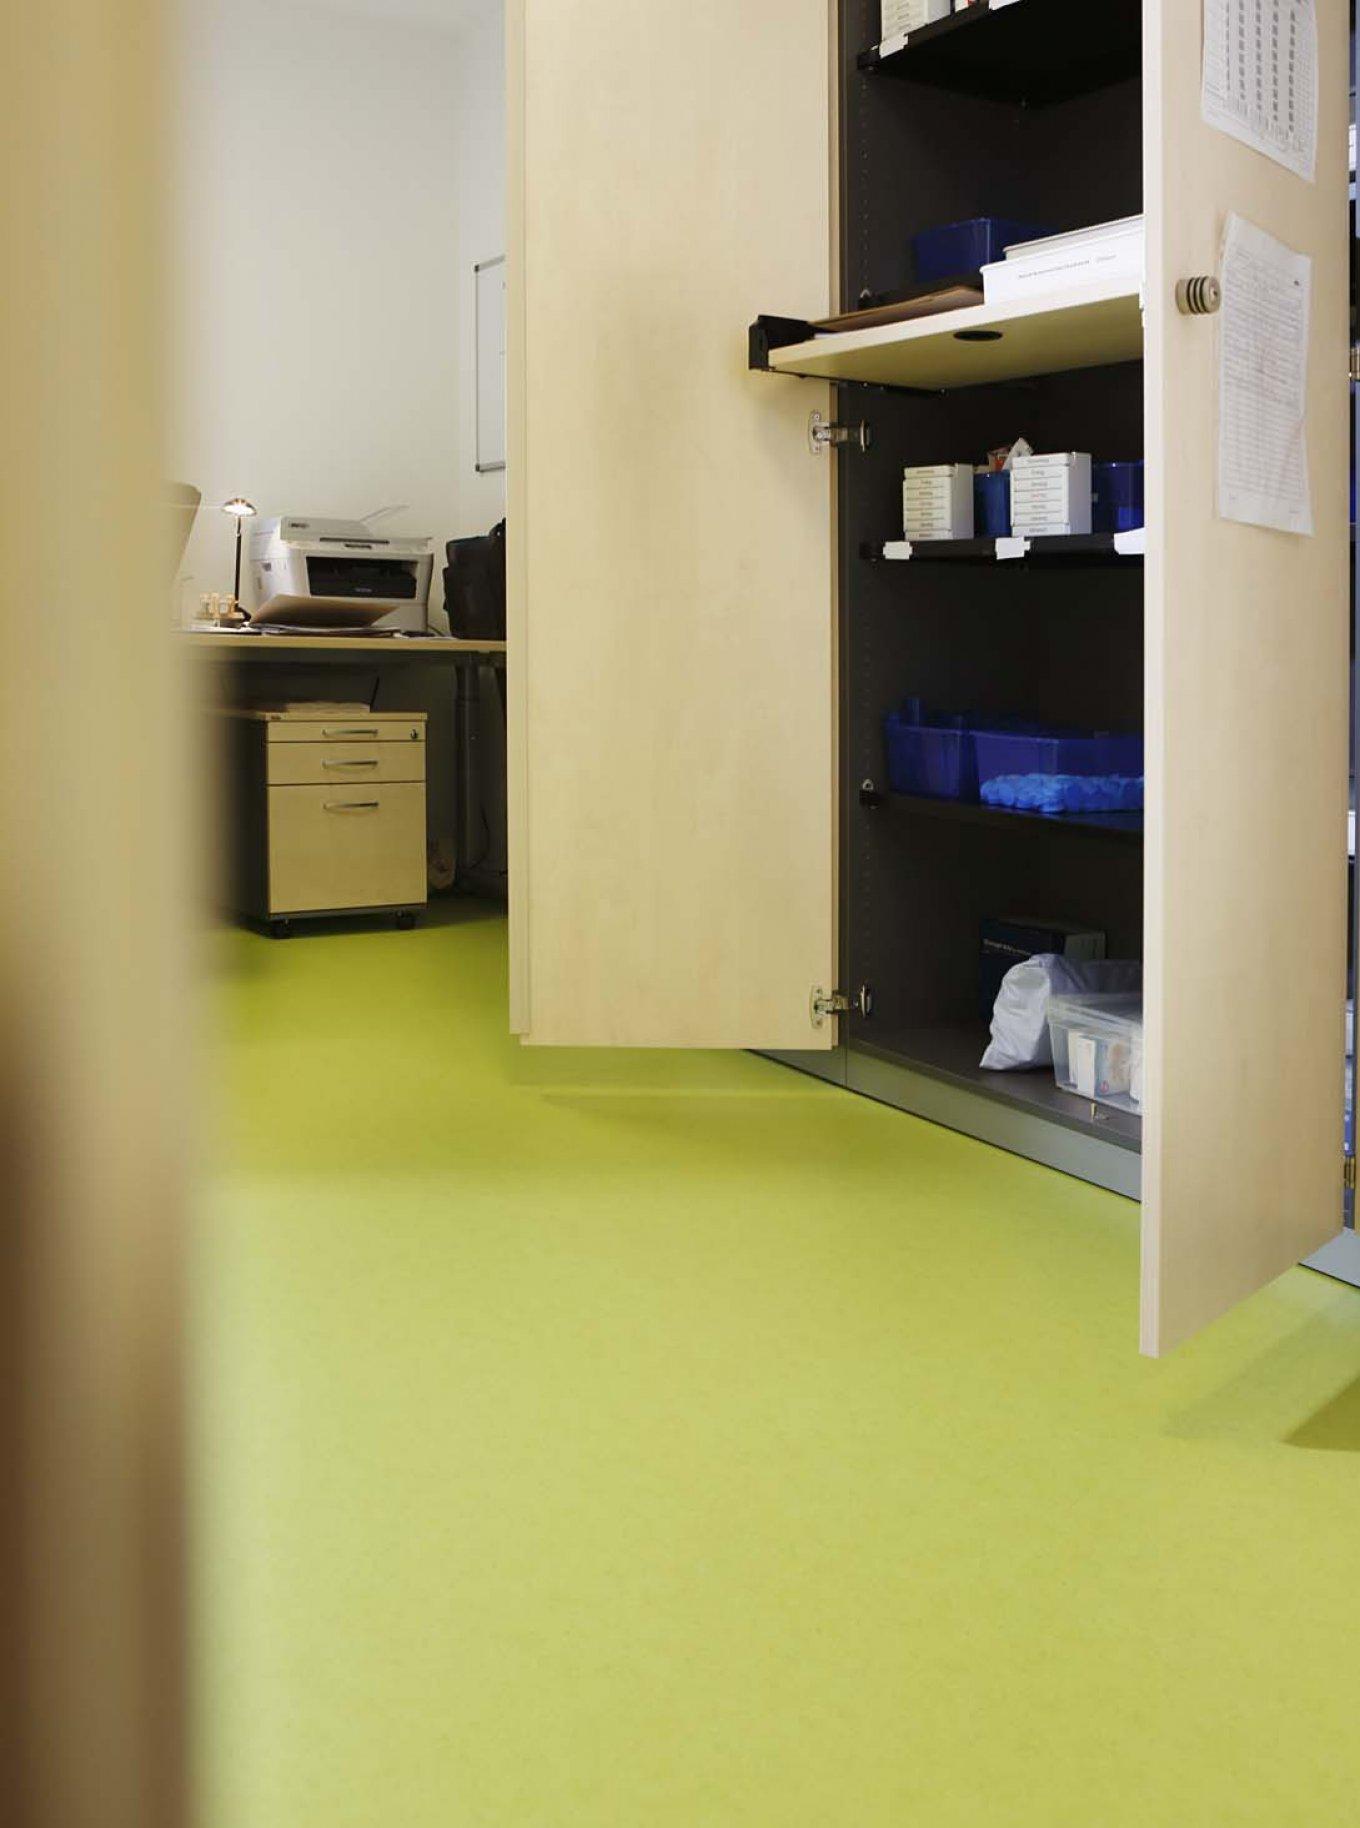 wineo PURLINE Bioboden im Altenpflegeheim Büro Bodenbelag grün